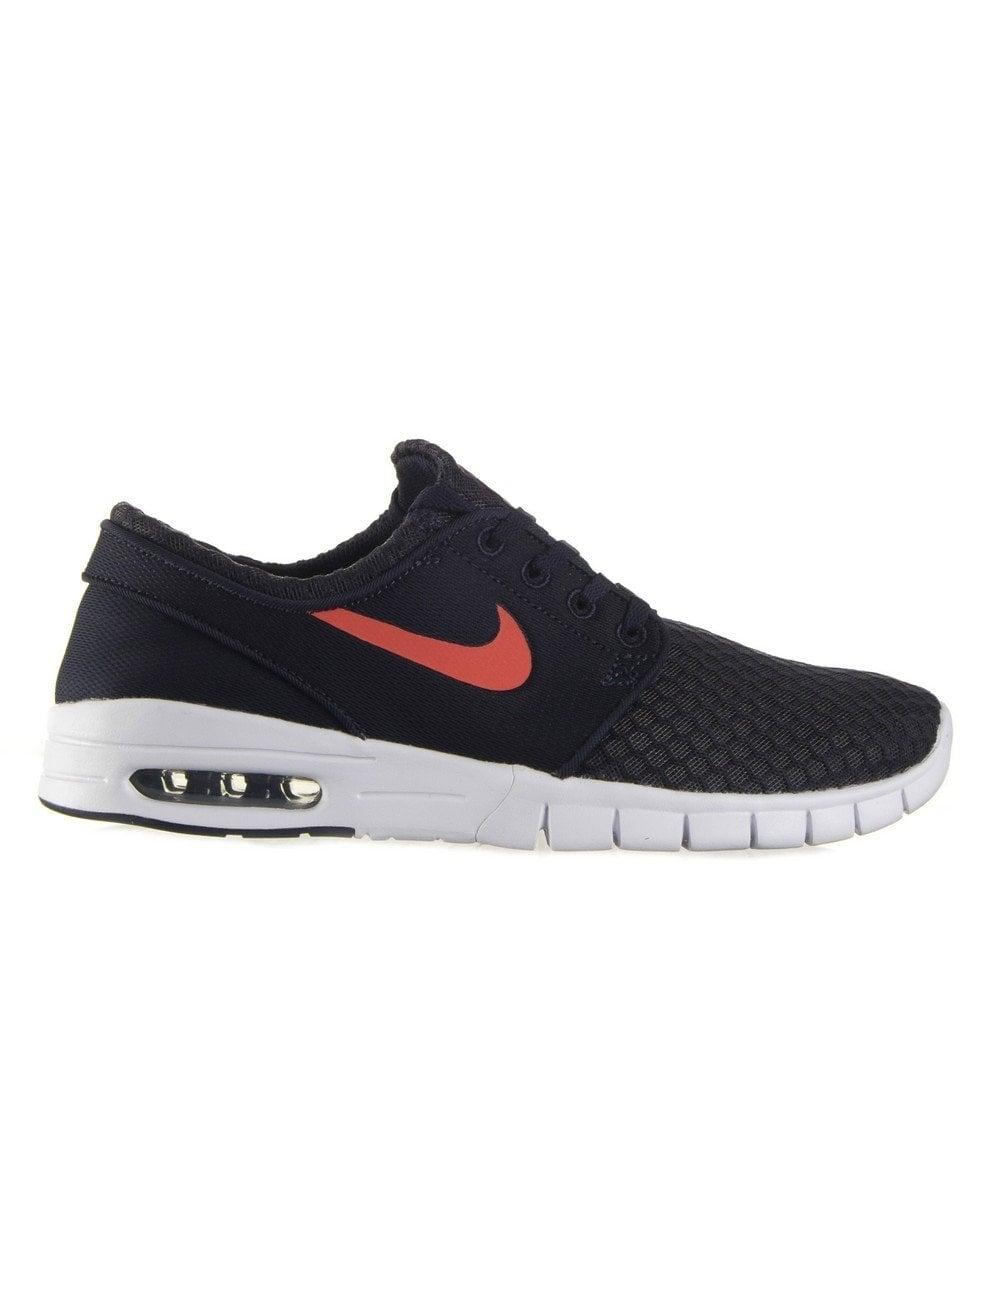 d0b5d183ca6f Nike SB Stefan Janoski Max Shoes - Obsidian Hot Lava - Footwear from ...